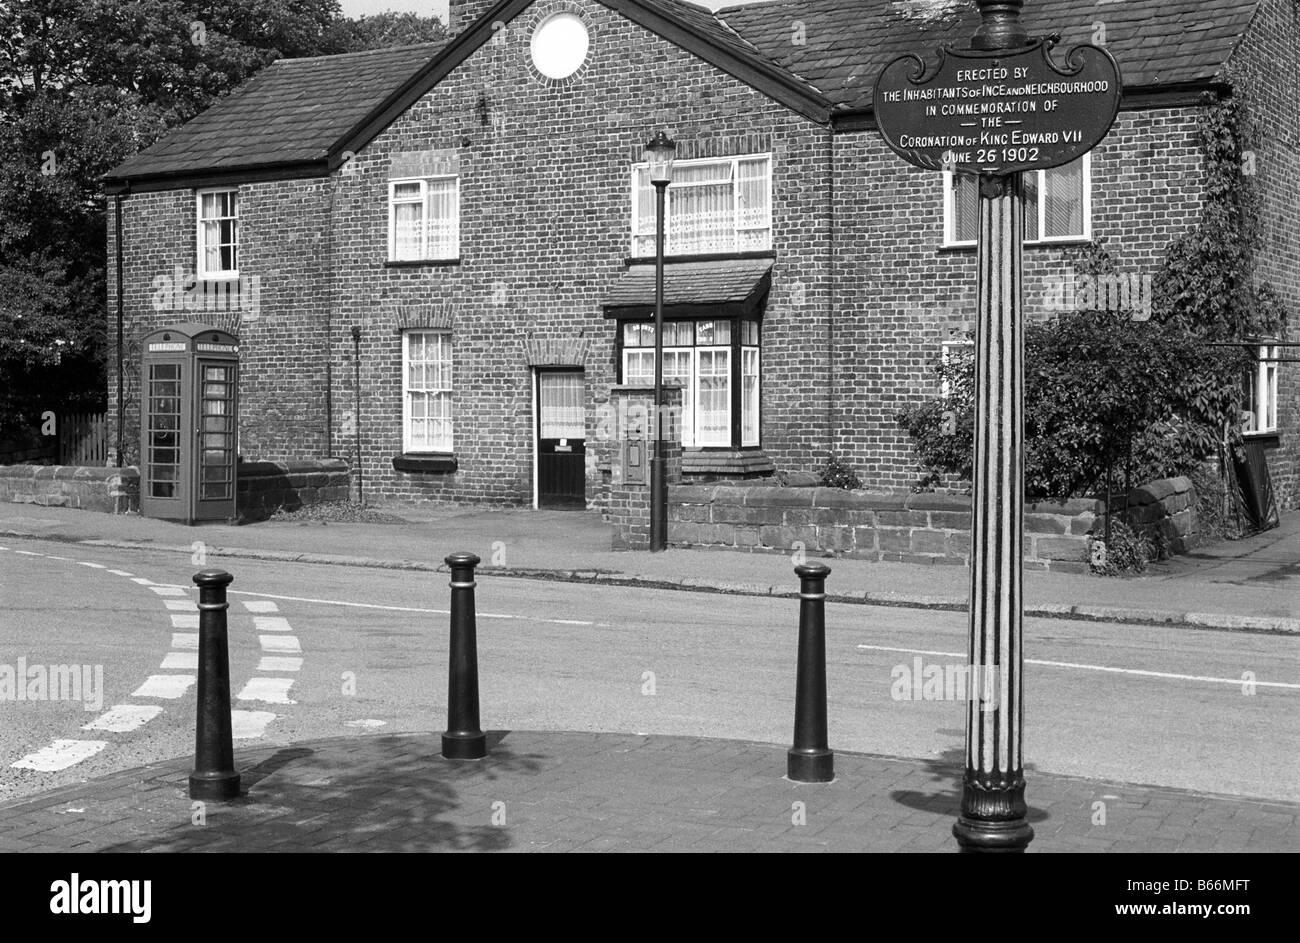 UK England Cheshire Ince Edward VII coronation memorial and village k6 phone box - Stock Image